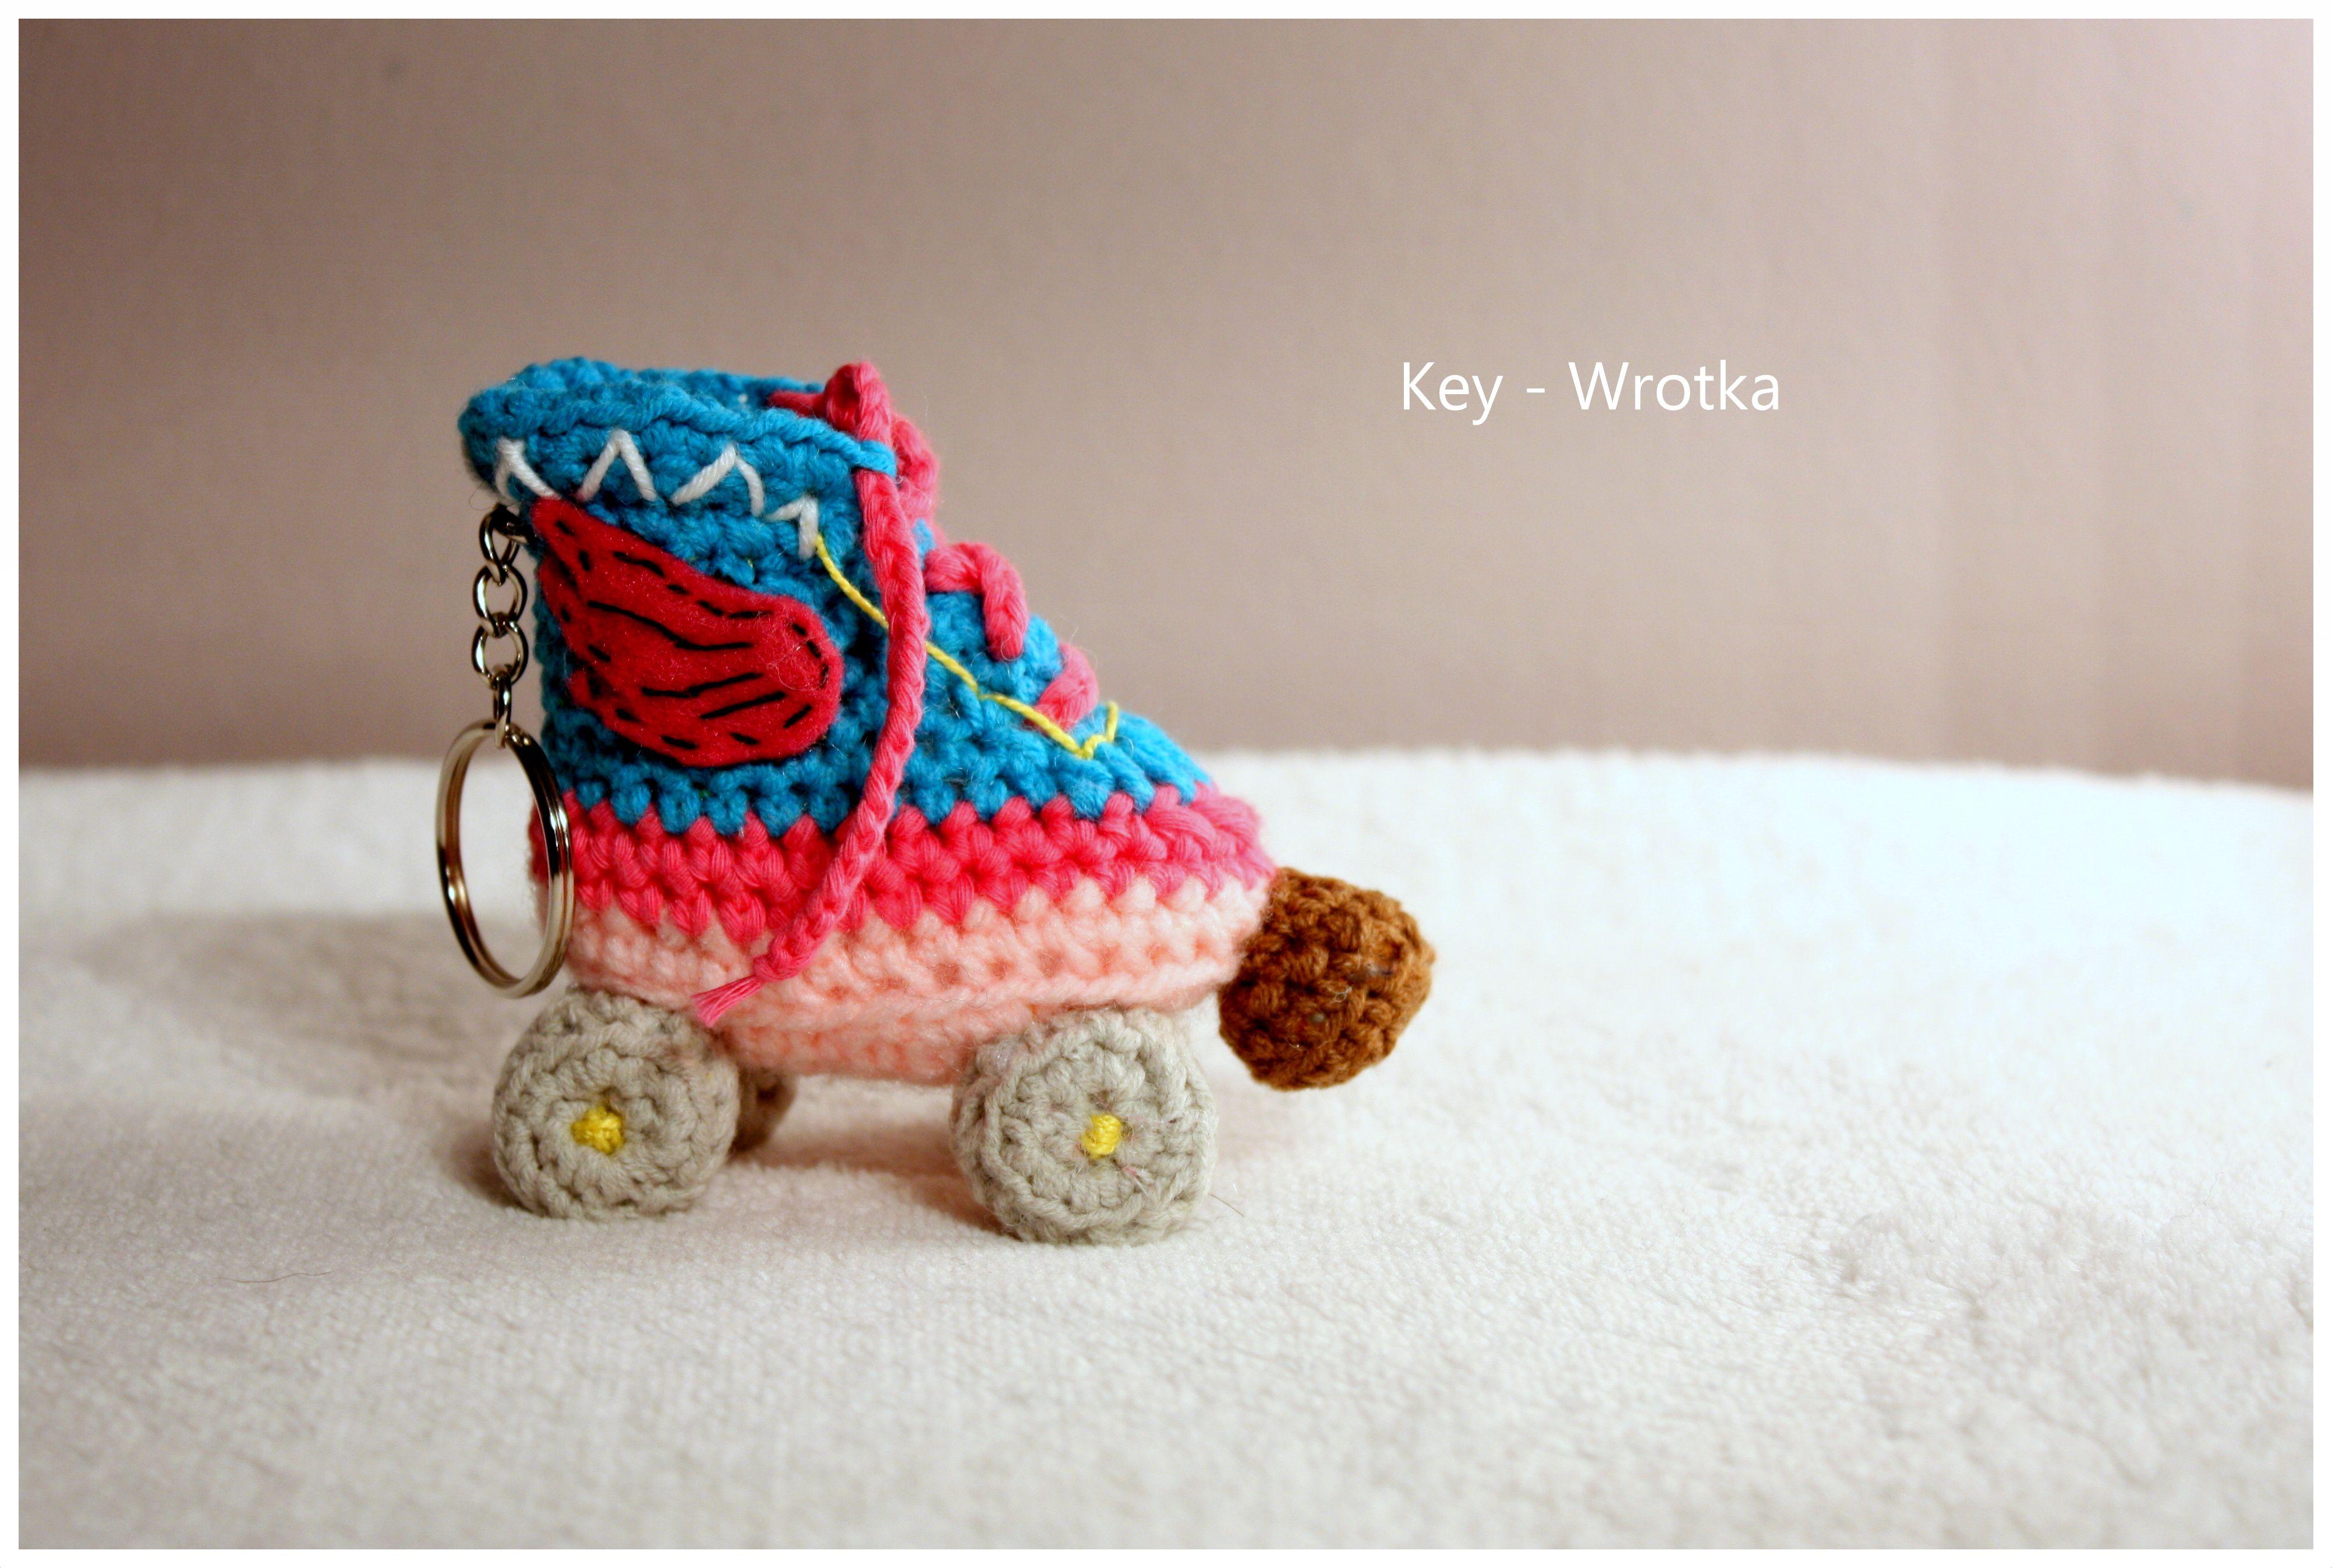 Amigurumi roller skate amigurumi amigurumis soy luna wrotka crochet diagram amigurumi roller skate amigurumi amigurumis soy luna wrotka brelok ccuart Images